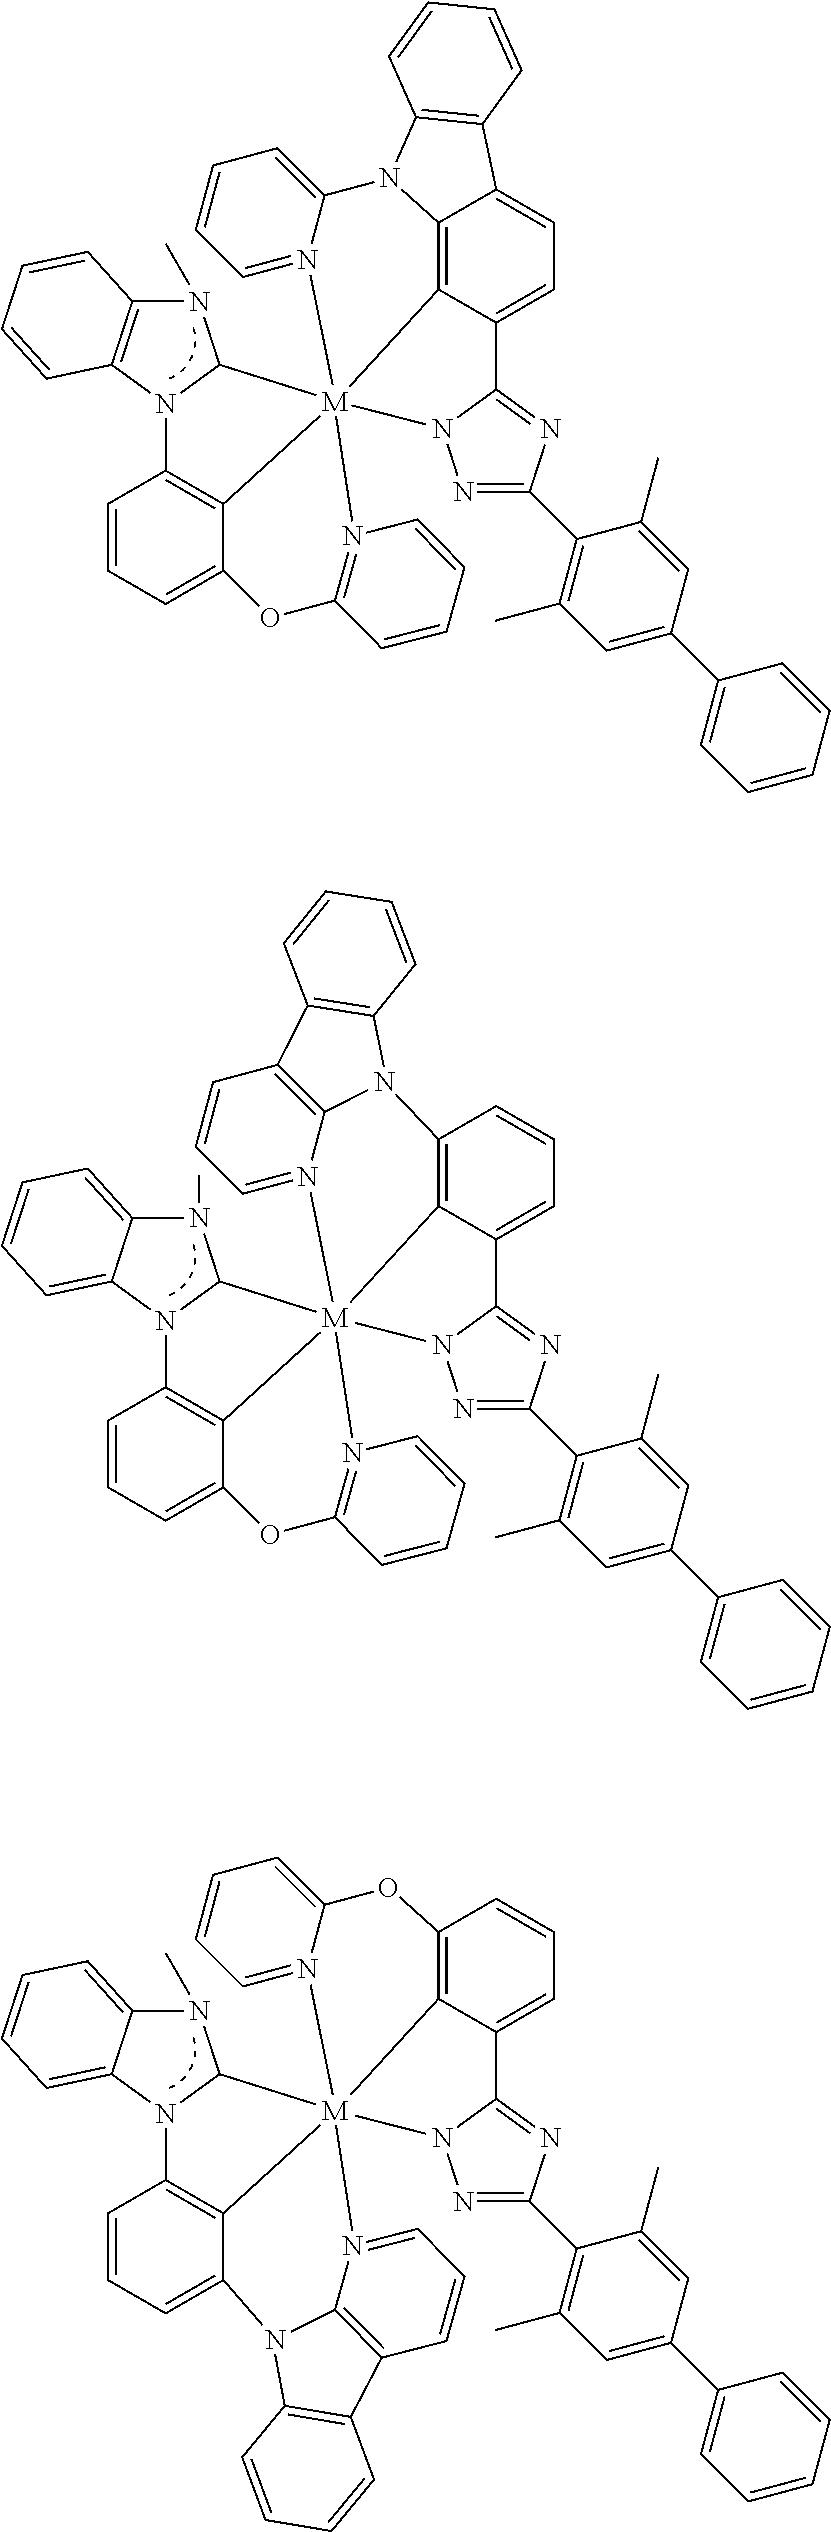 Figure US09818959-20171114-C00362